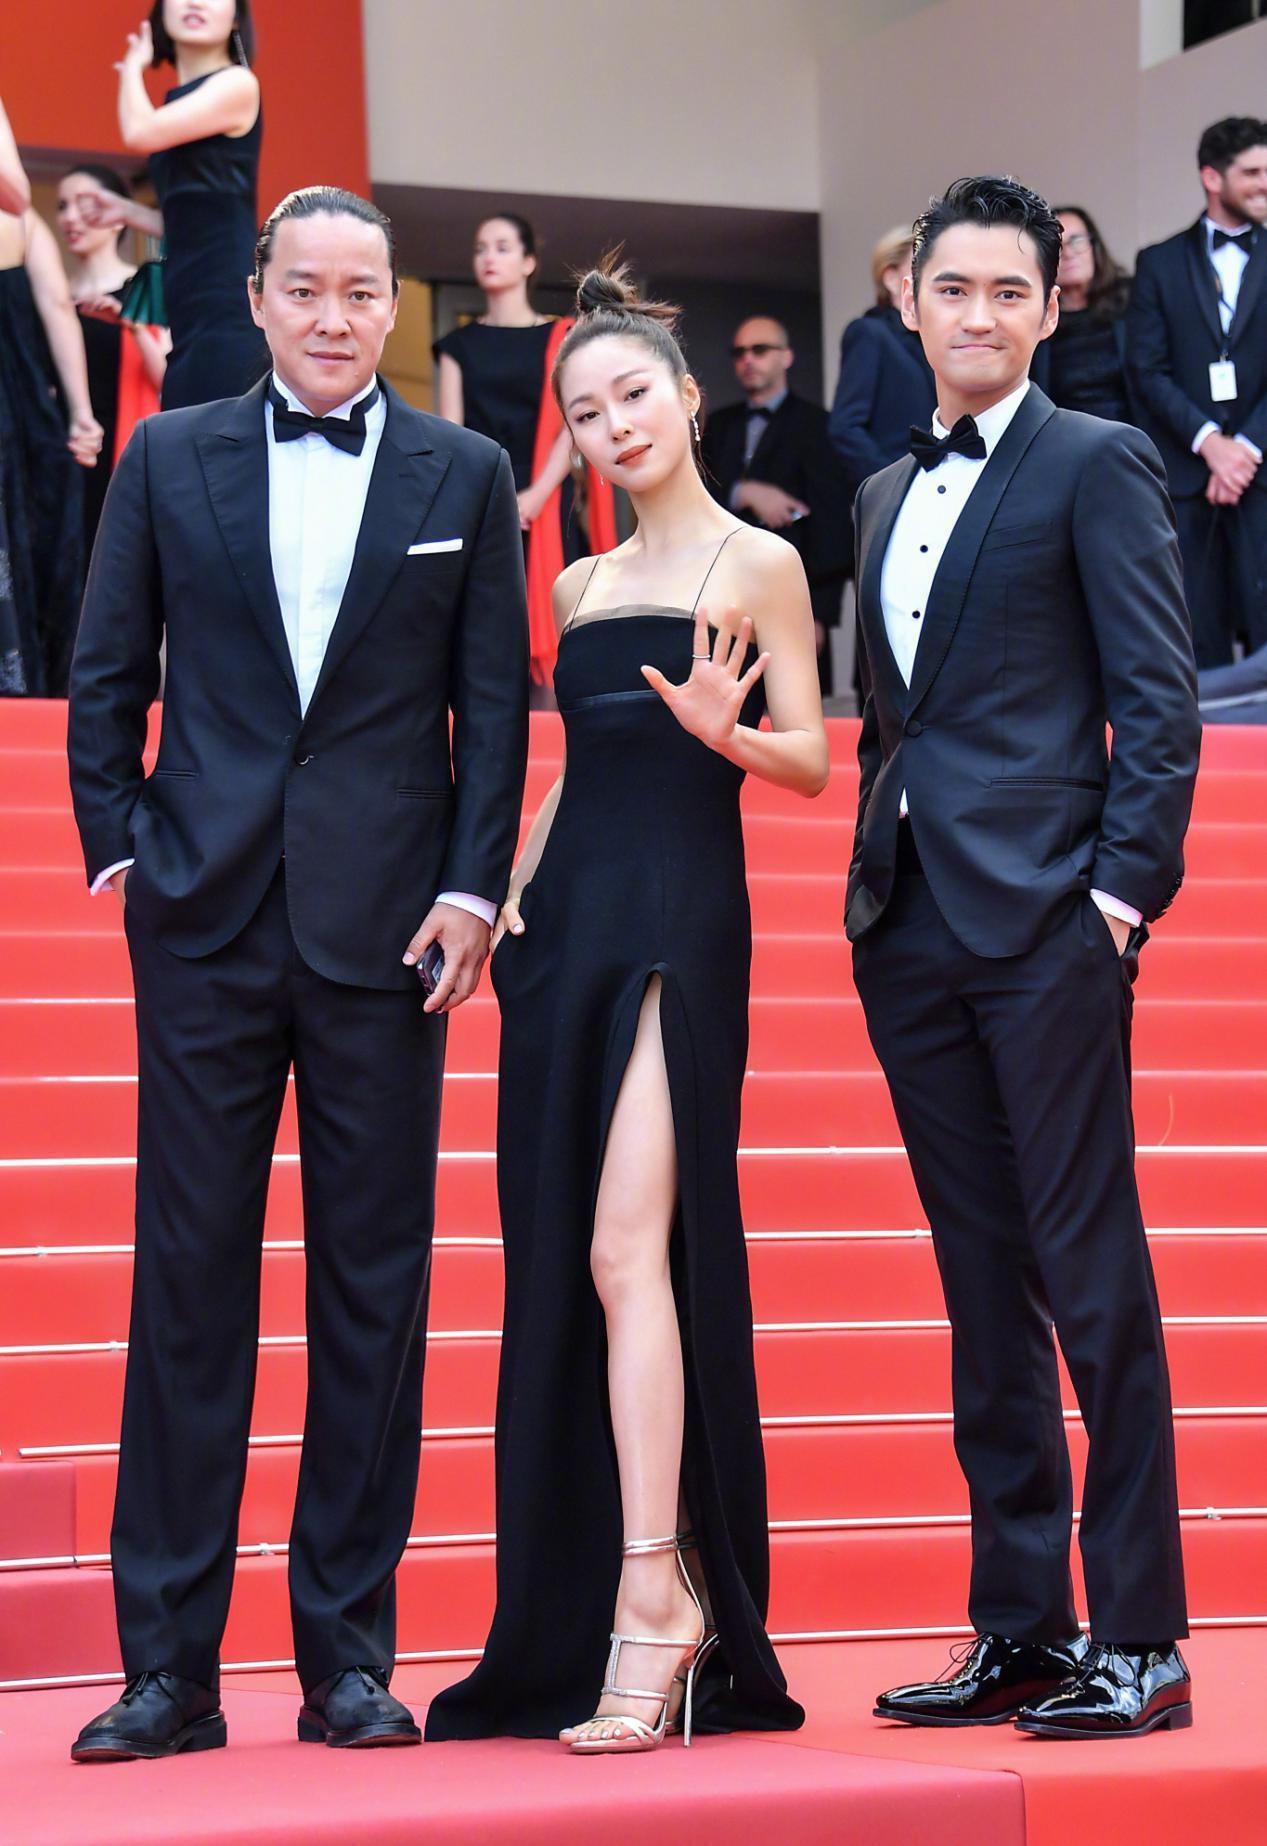 2 mỹ nhân bị đối xử một trời một vực tại Cannes: Cảnh Điềm bị xua đuổi phũ phàng, sao nữ này lại được chào đón - Ảnh 1.